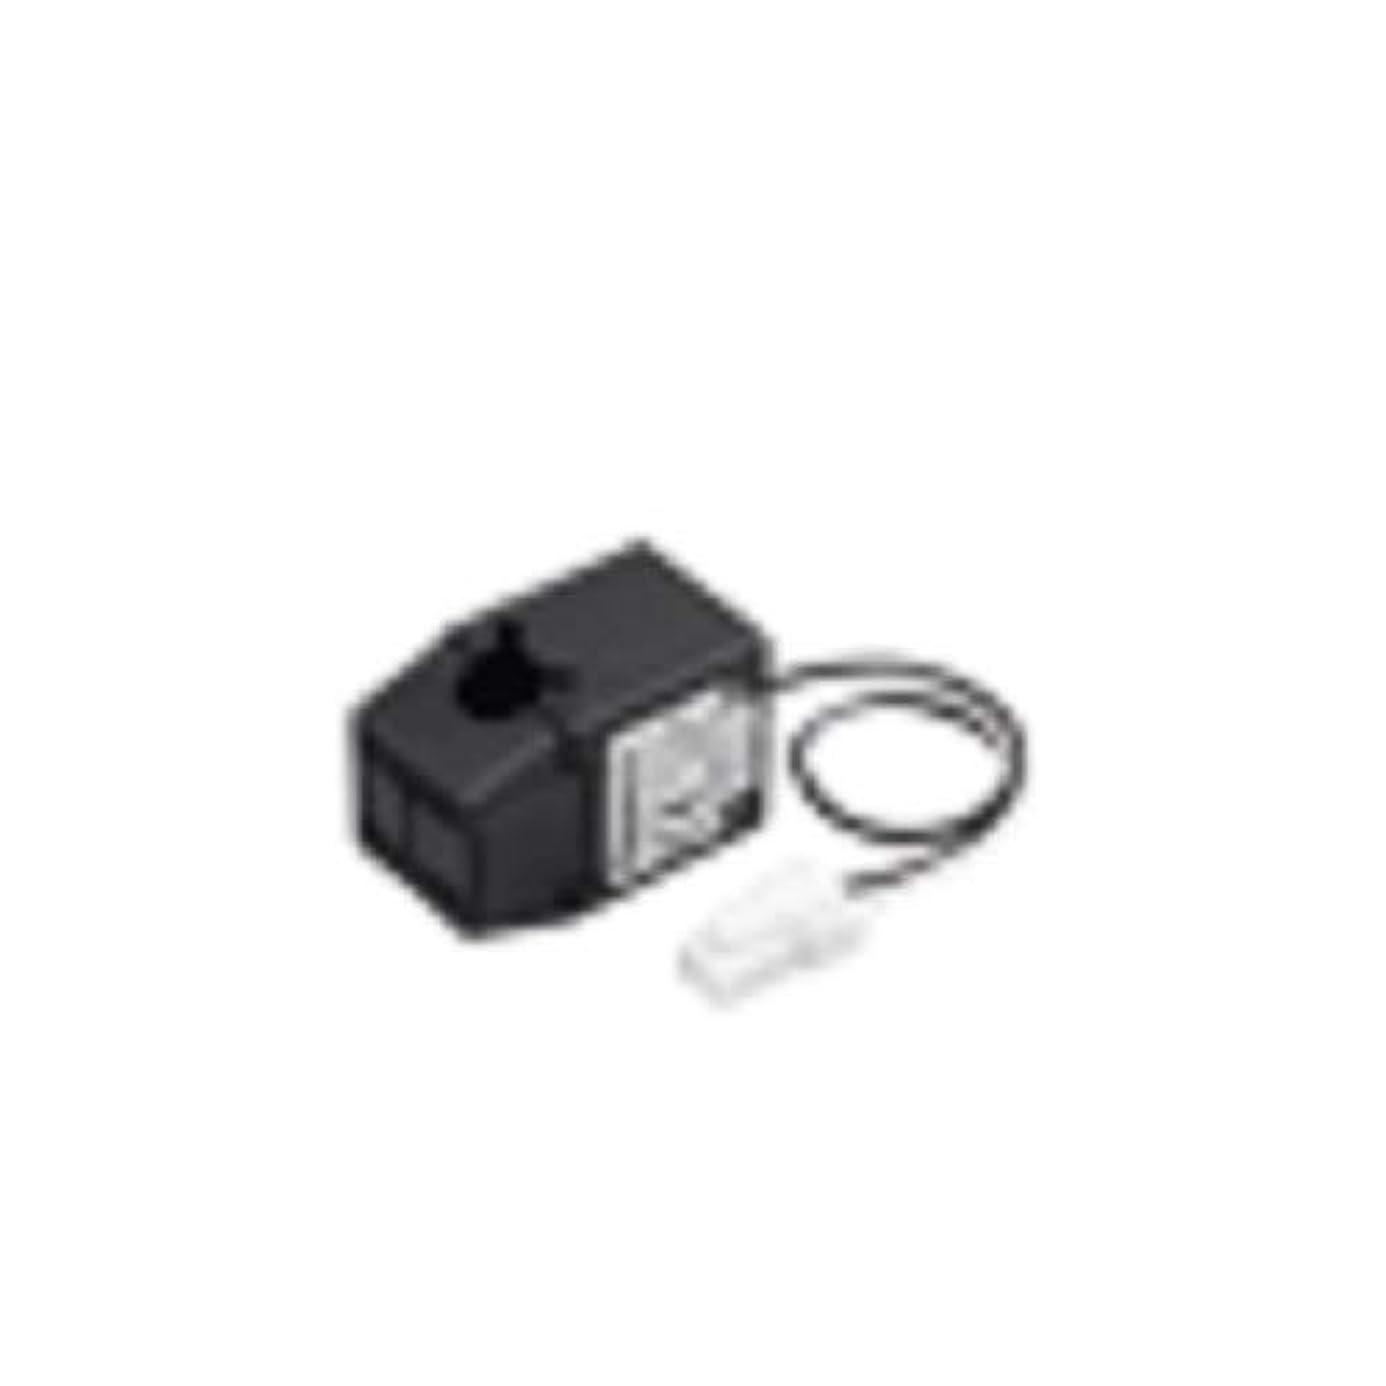 ゲート管理者プレートパナソニック 分割型電流センサ(CT) 5A/50A AKW4801B